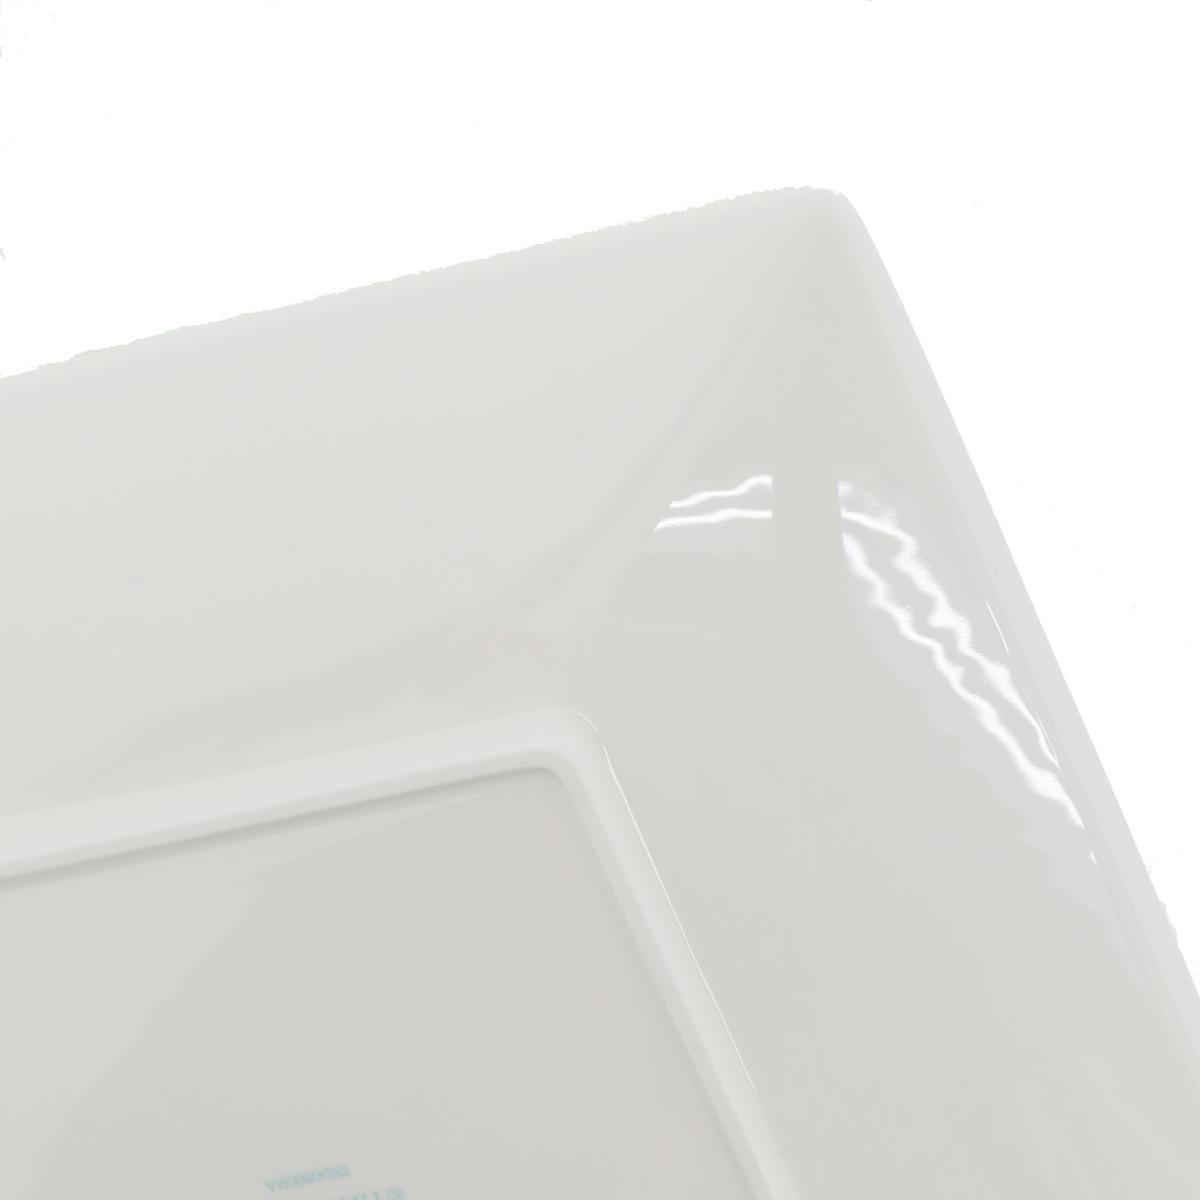 【即日発送・水曜定休日・木曜発送】【極上品】【RI】 Tiffany&Co. (ティファニー) リボン プレート キッチン用品 食器 リボン ティファニーブルー